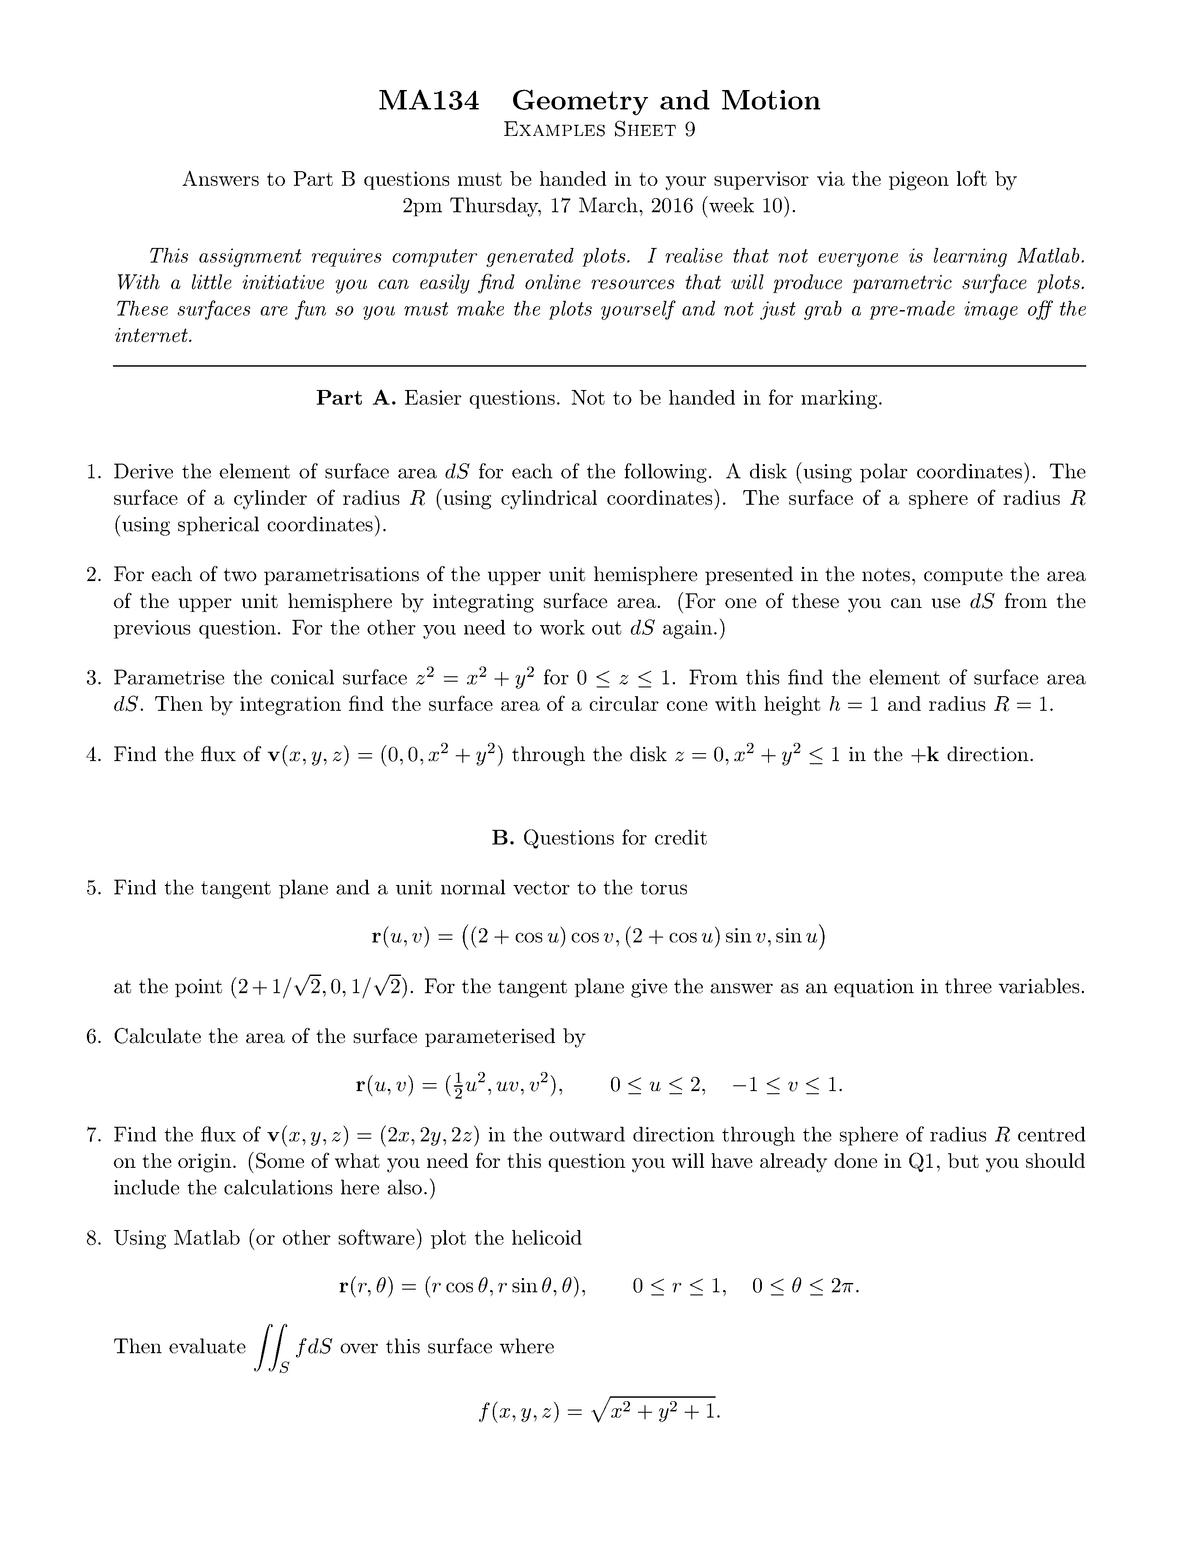 MA134 2015-2016 Problem Sheet 9 - MA134: Geometry and Motion - StuDocu